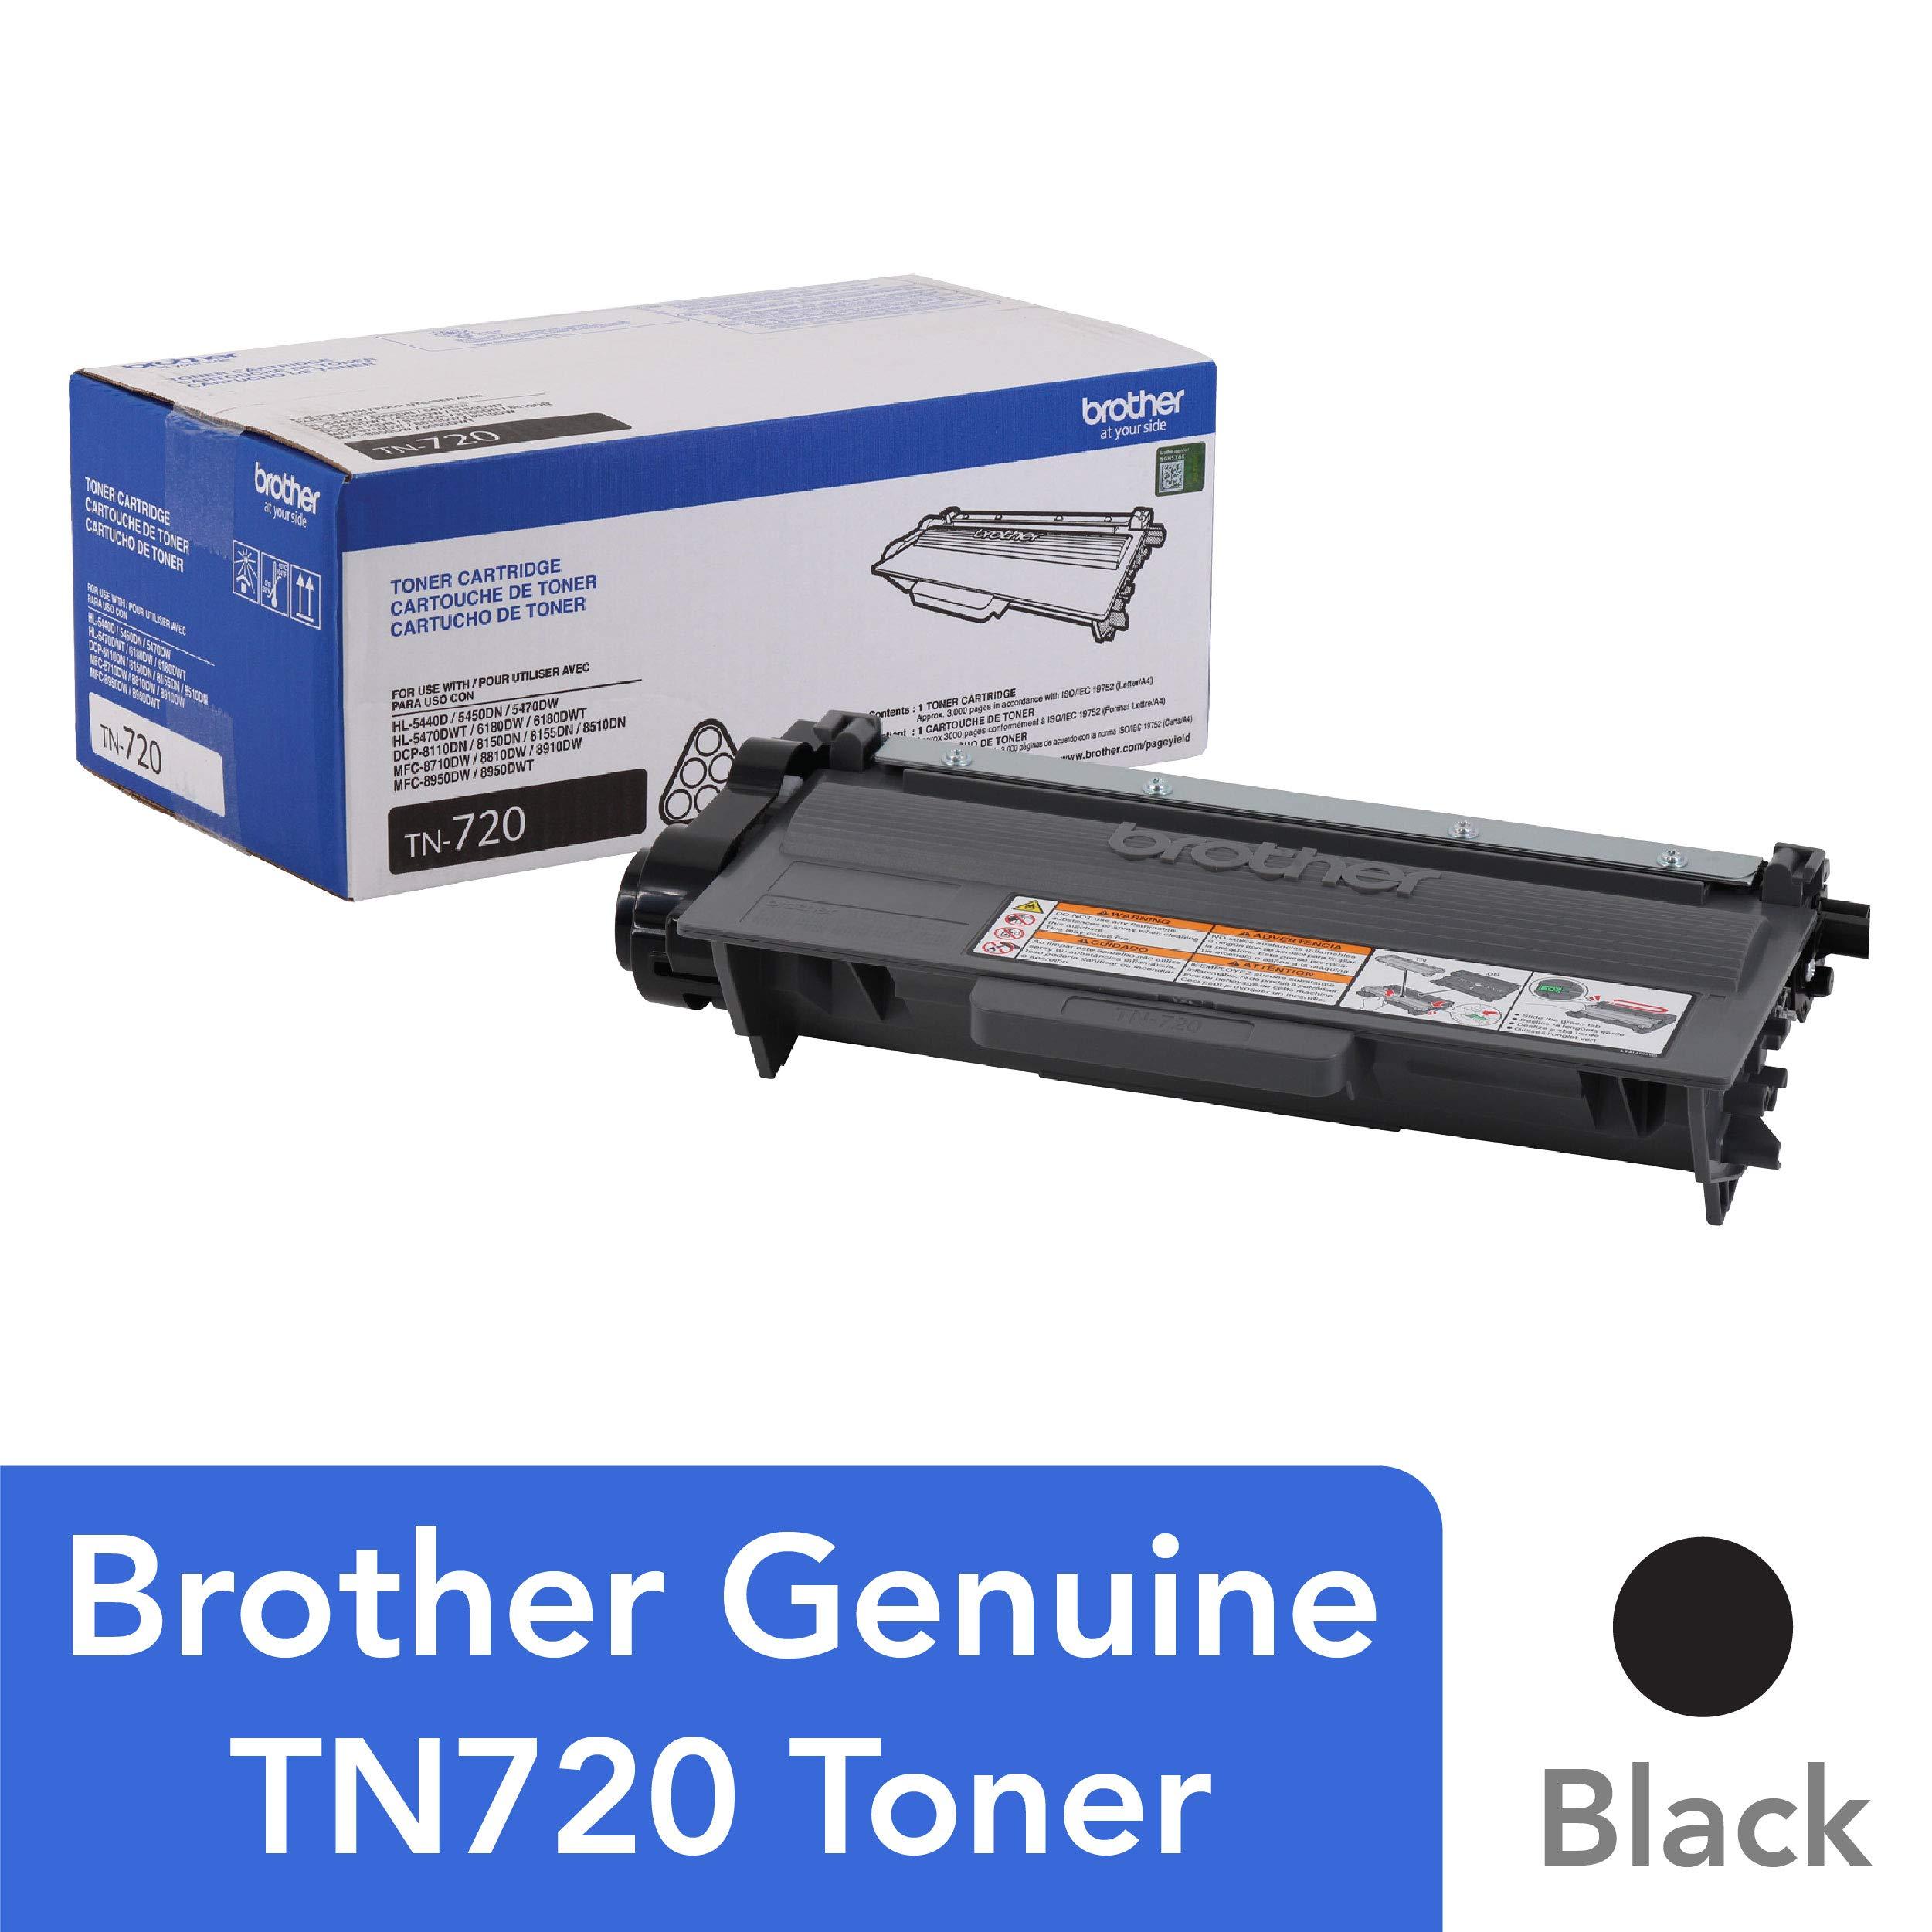 Toner Original BROTHER Normal Capacidad TN720 Black hasta 3,000 Páginas